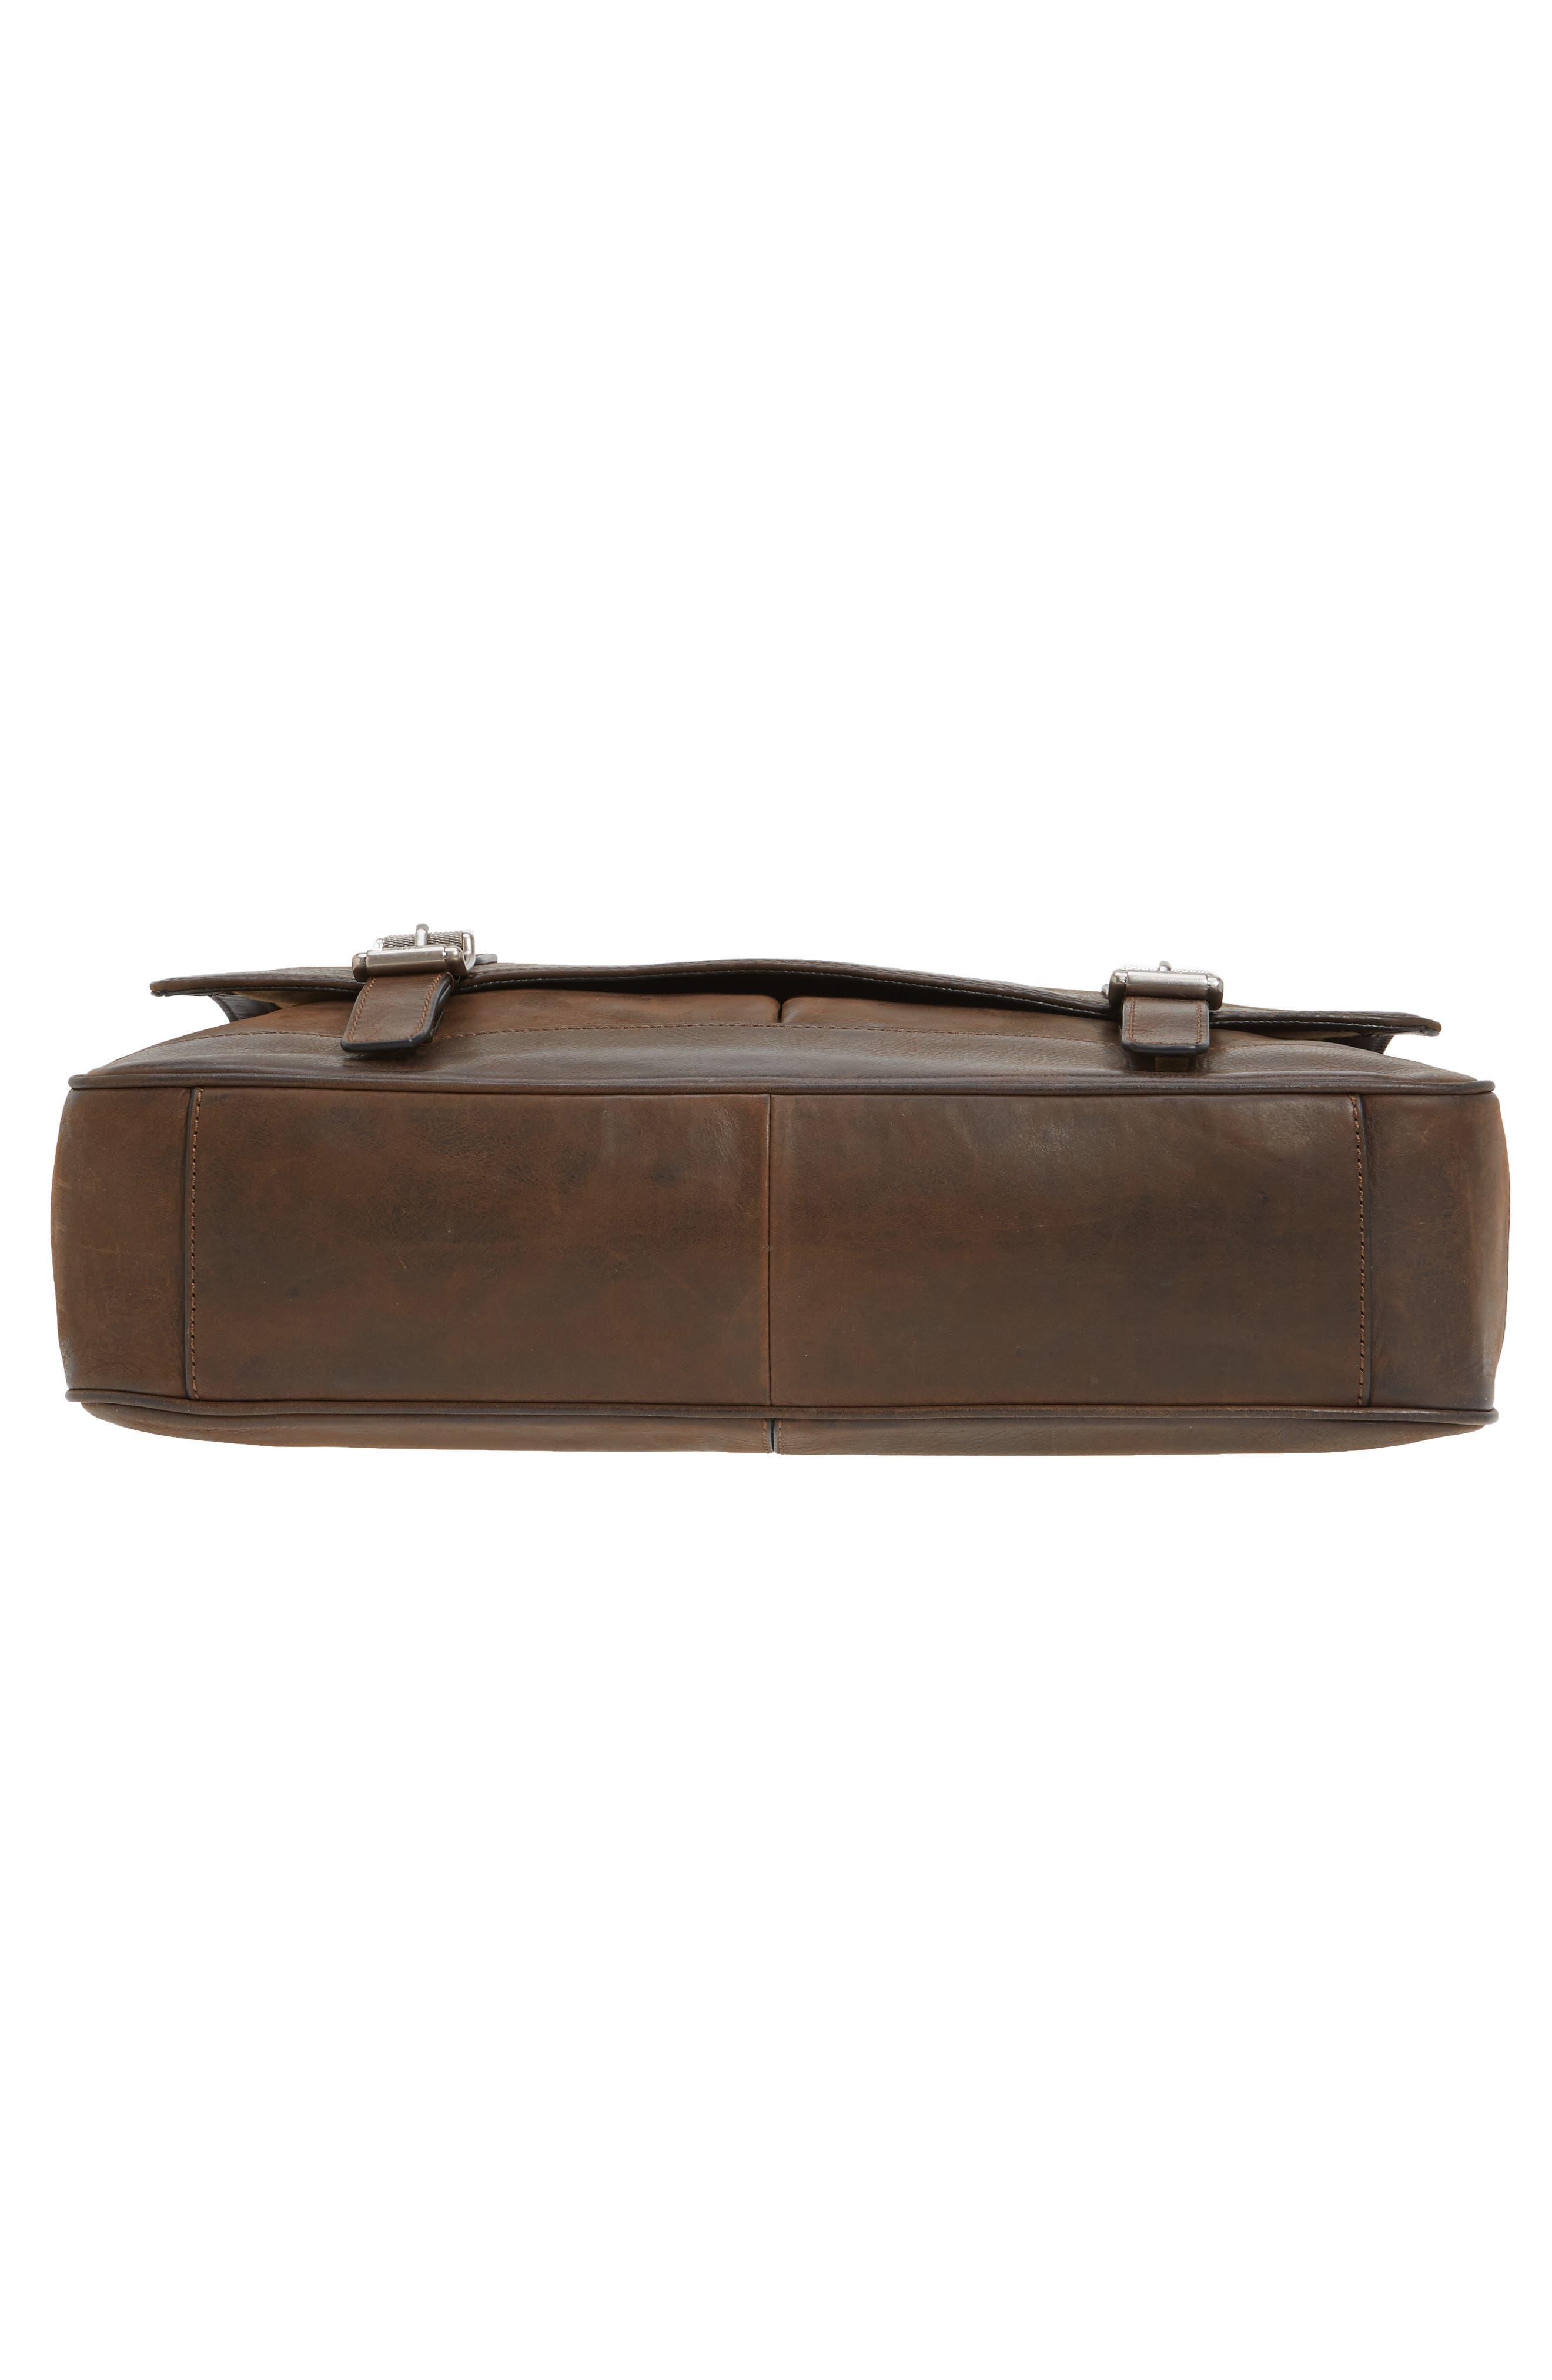 Oliver Leather Messenger Bag,                             Alternate thumbnail 6, color,                             Dark Brown